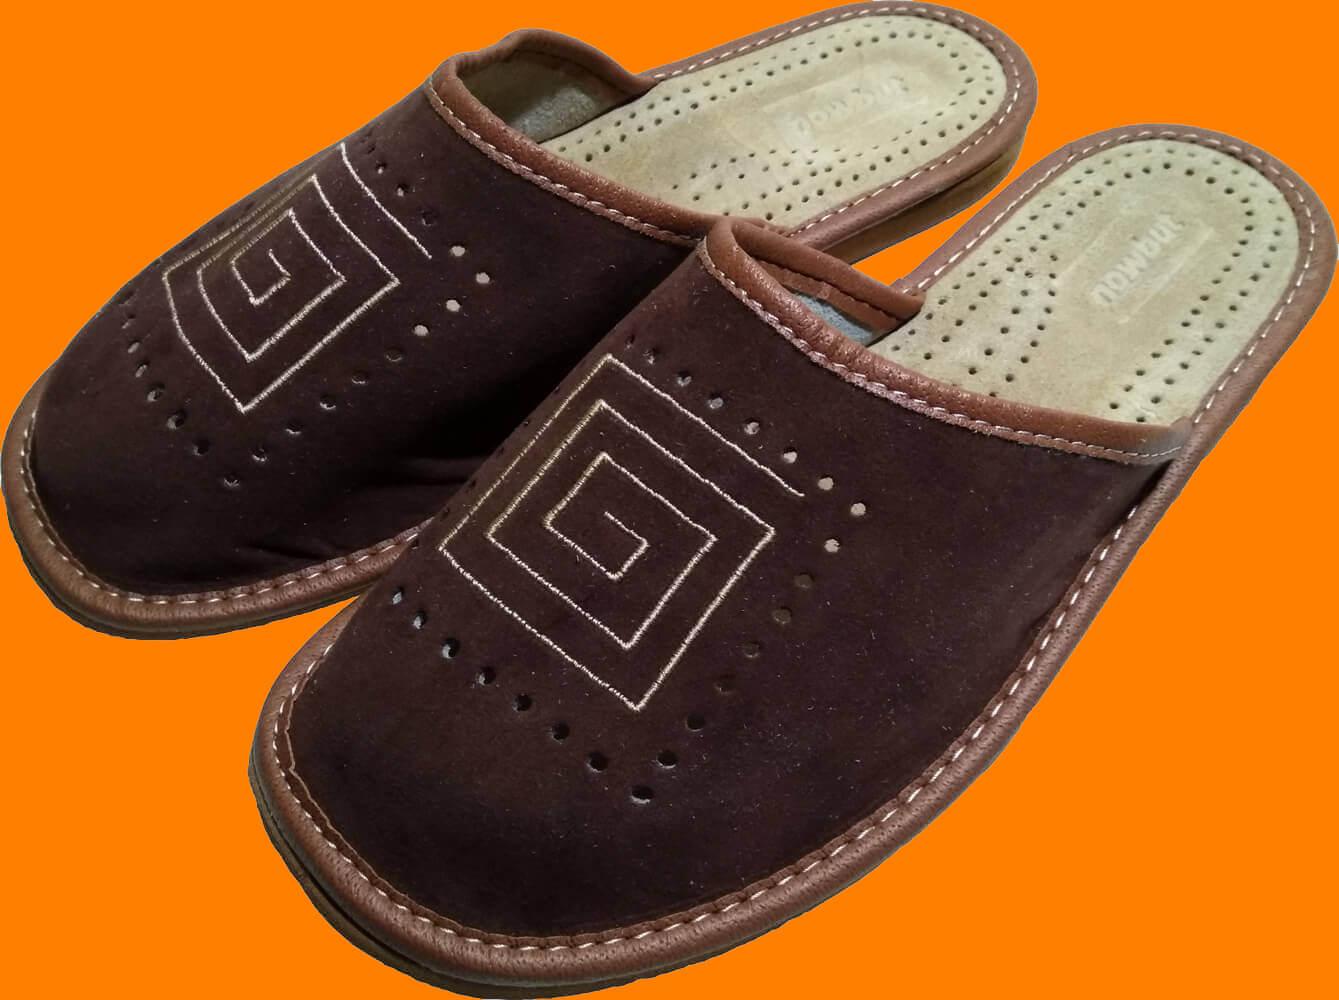 Кожаные тапочки мужские Nowbut N505 42 размера. Фото 1